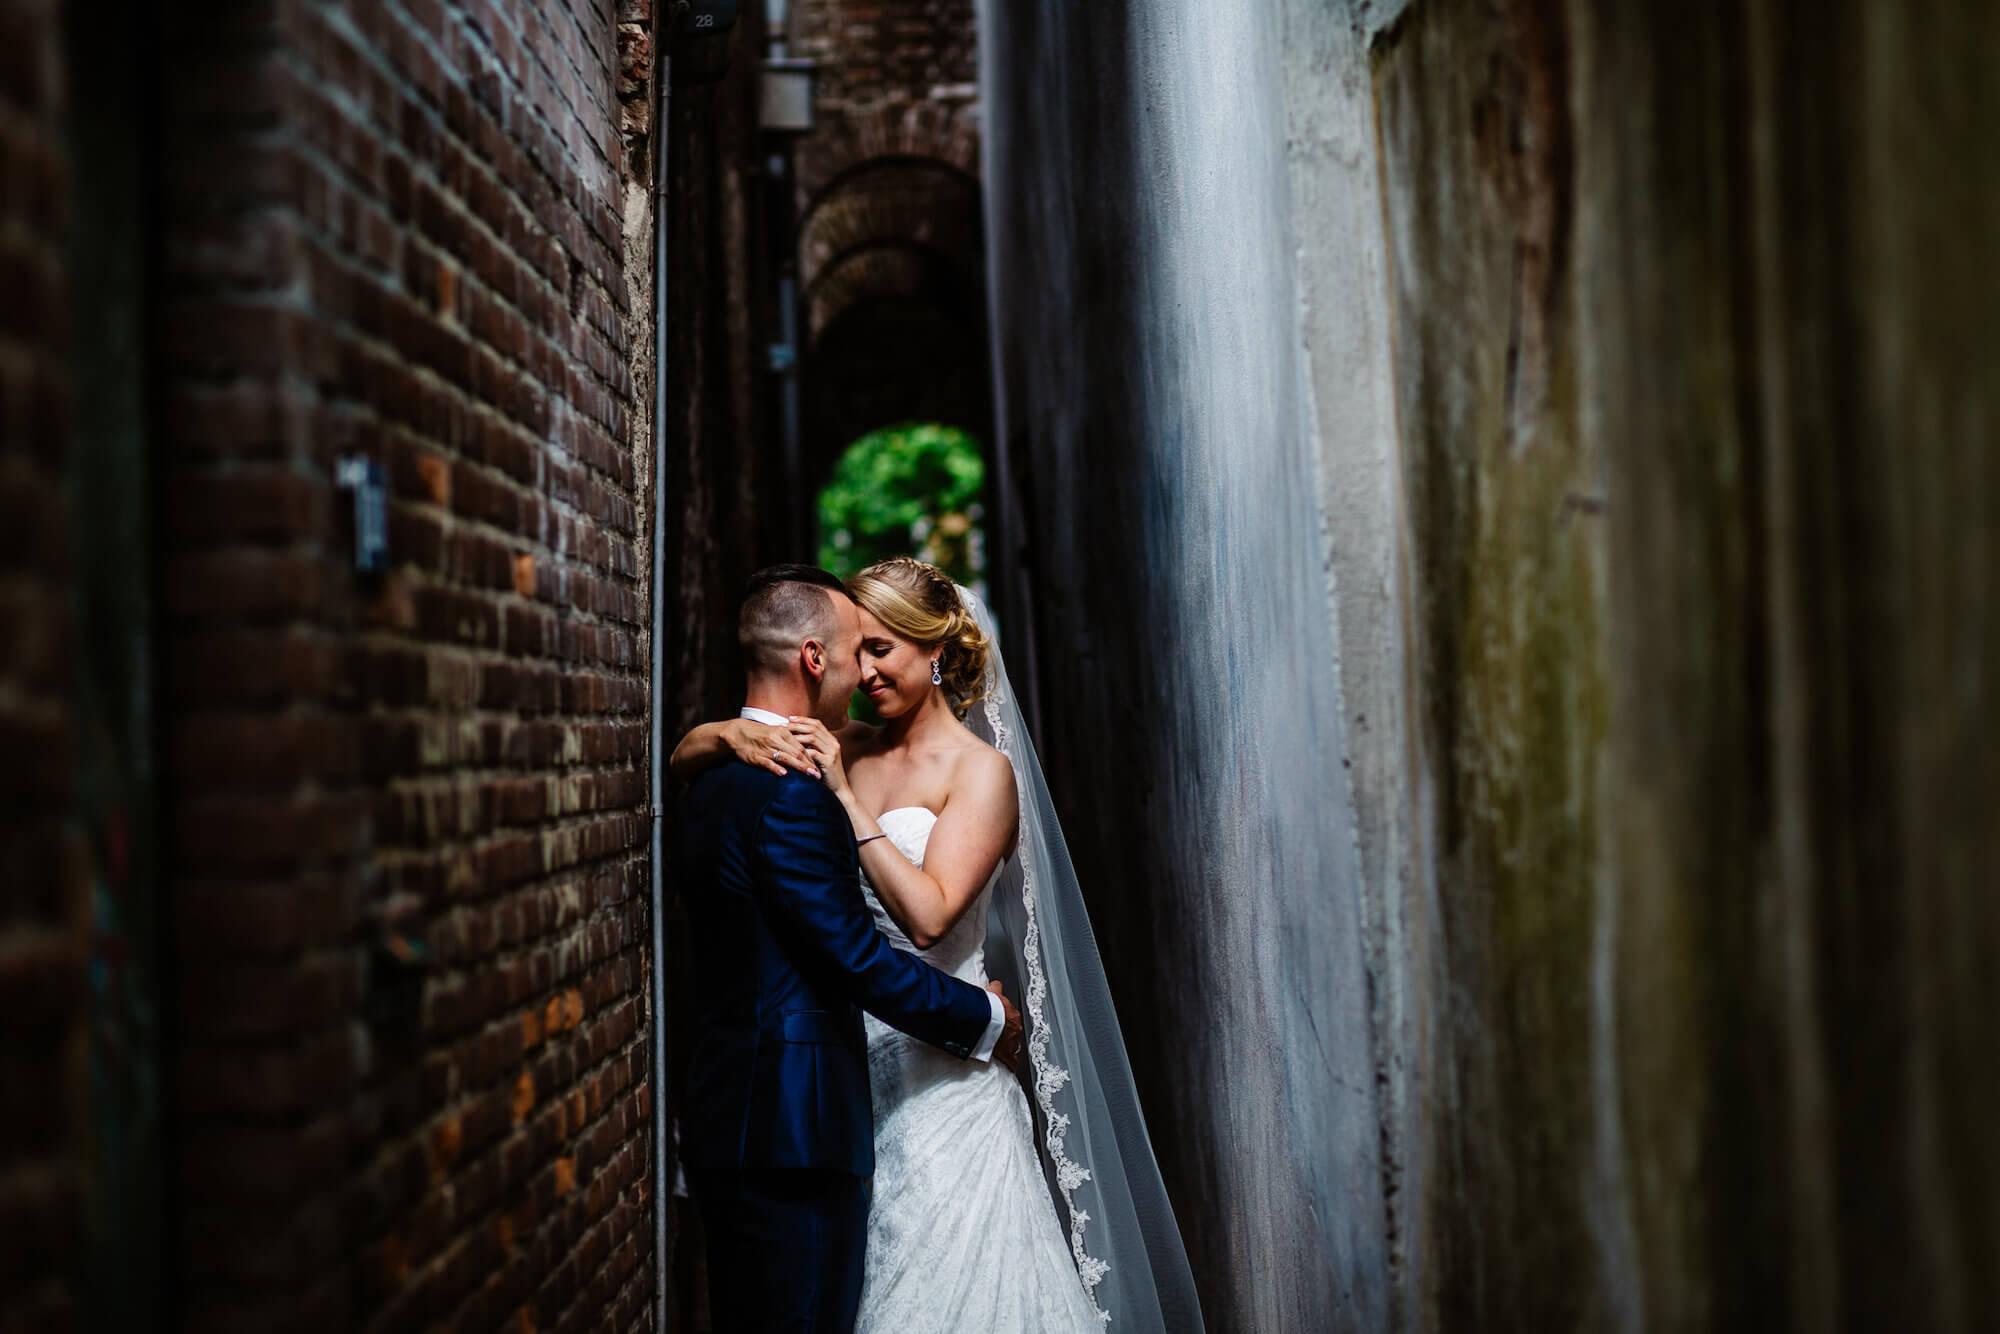 griekse-bruiloft-trouwfotograaf-utrecht-32.jpg